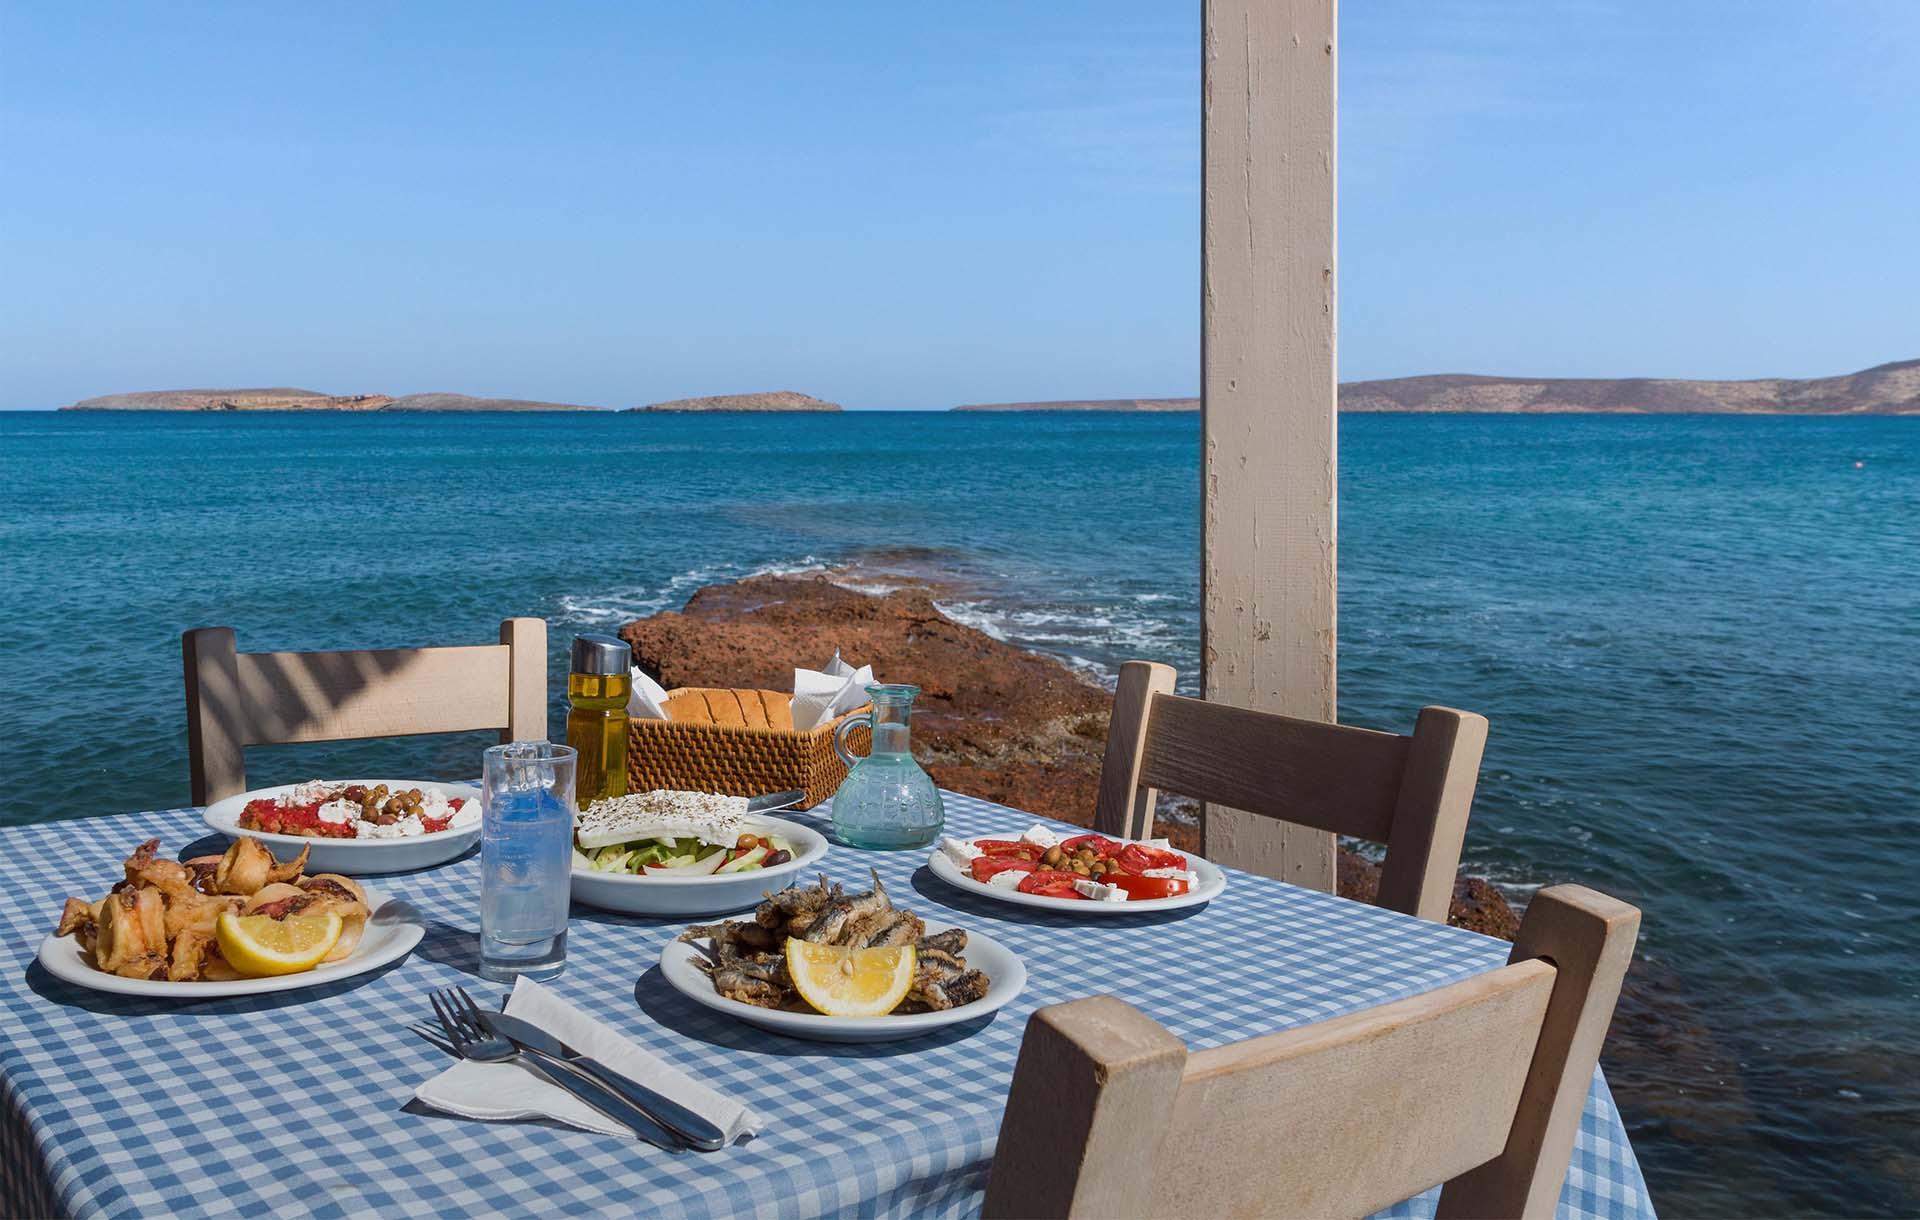 Akdeniz Ülkelerinden 3 Farklı Ahtapot Tarifi